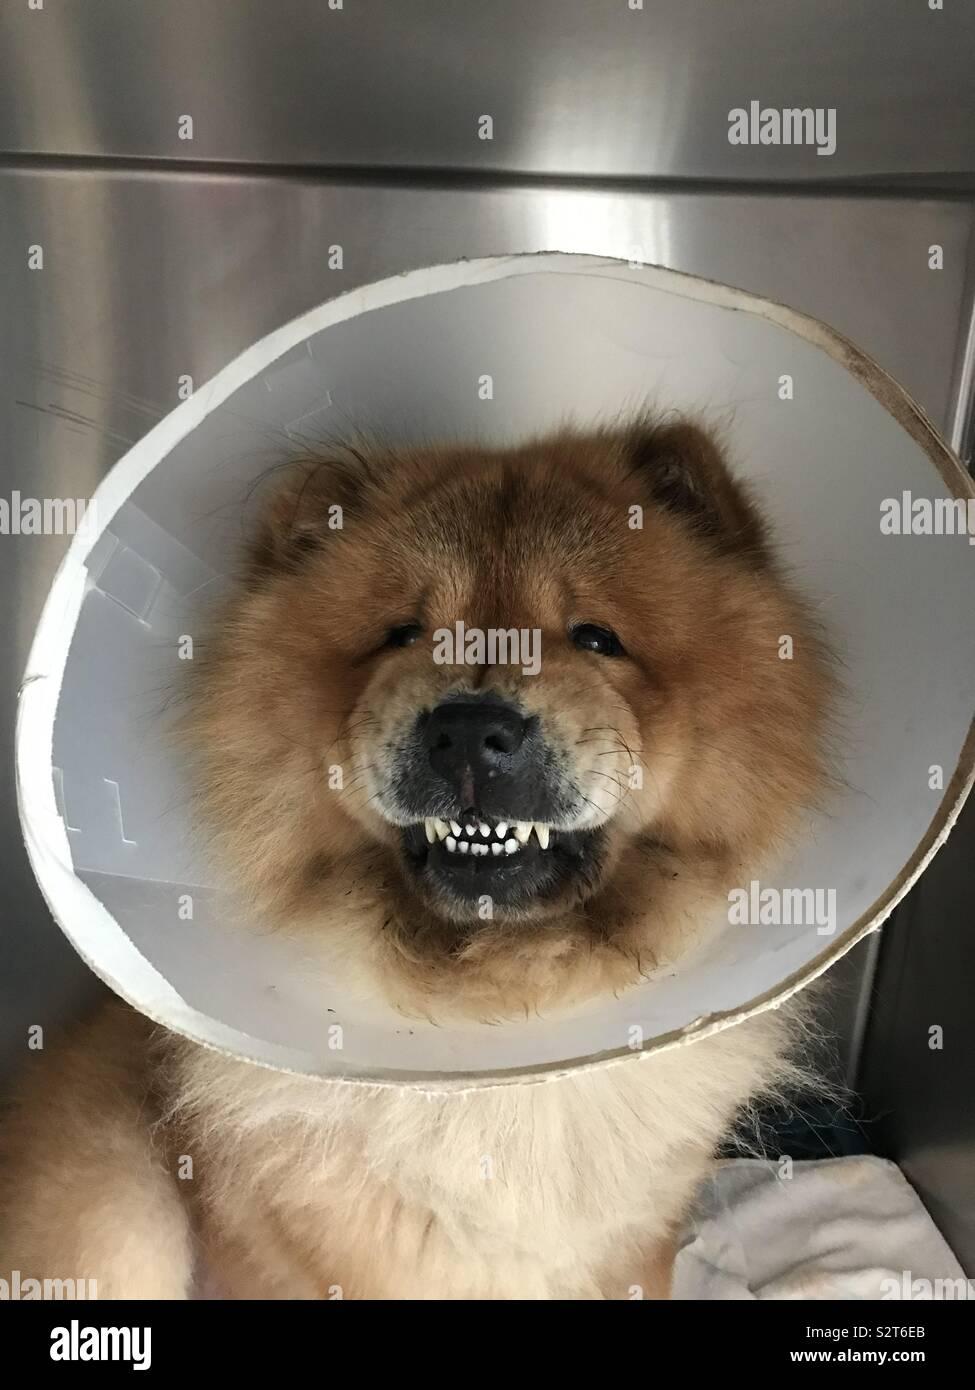 Chow Chow Dog Stock Photos & Chow Chow Dog Stock Images - Alamy